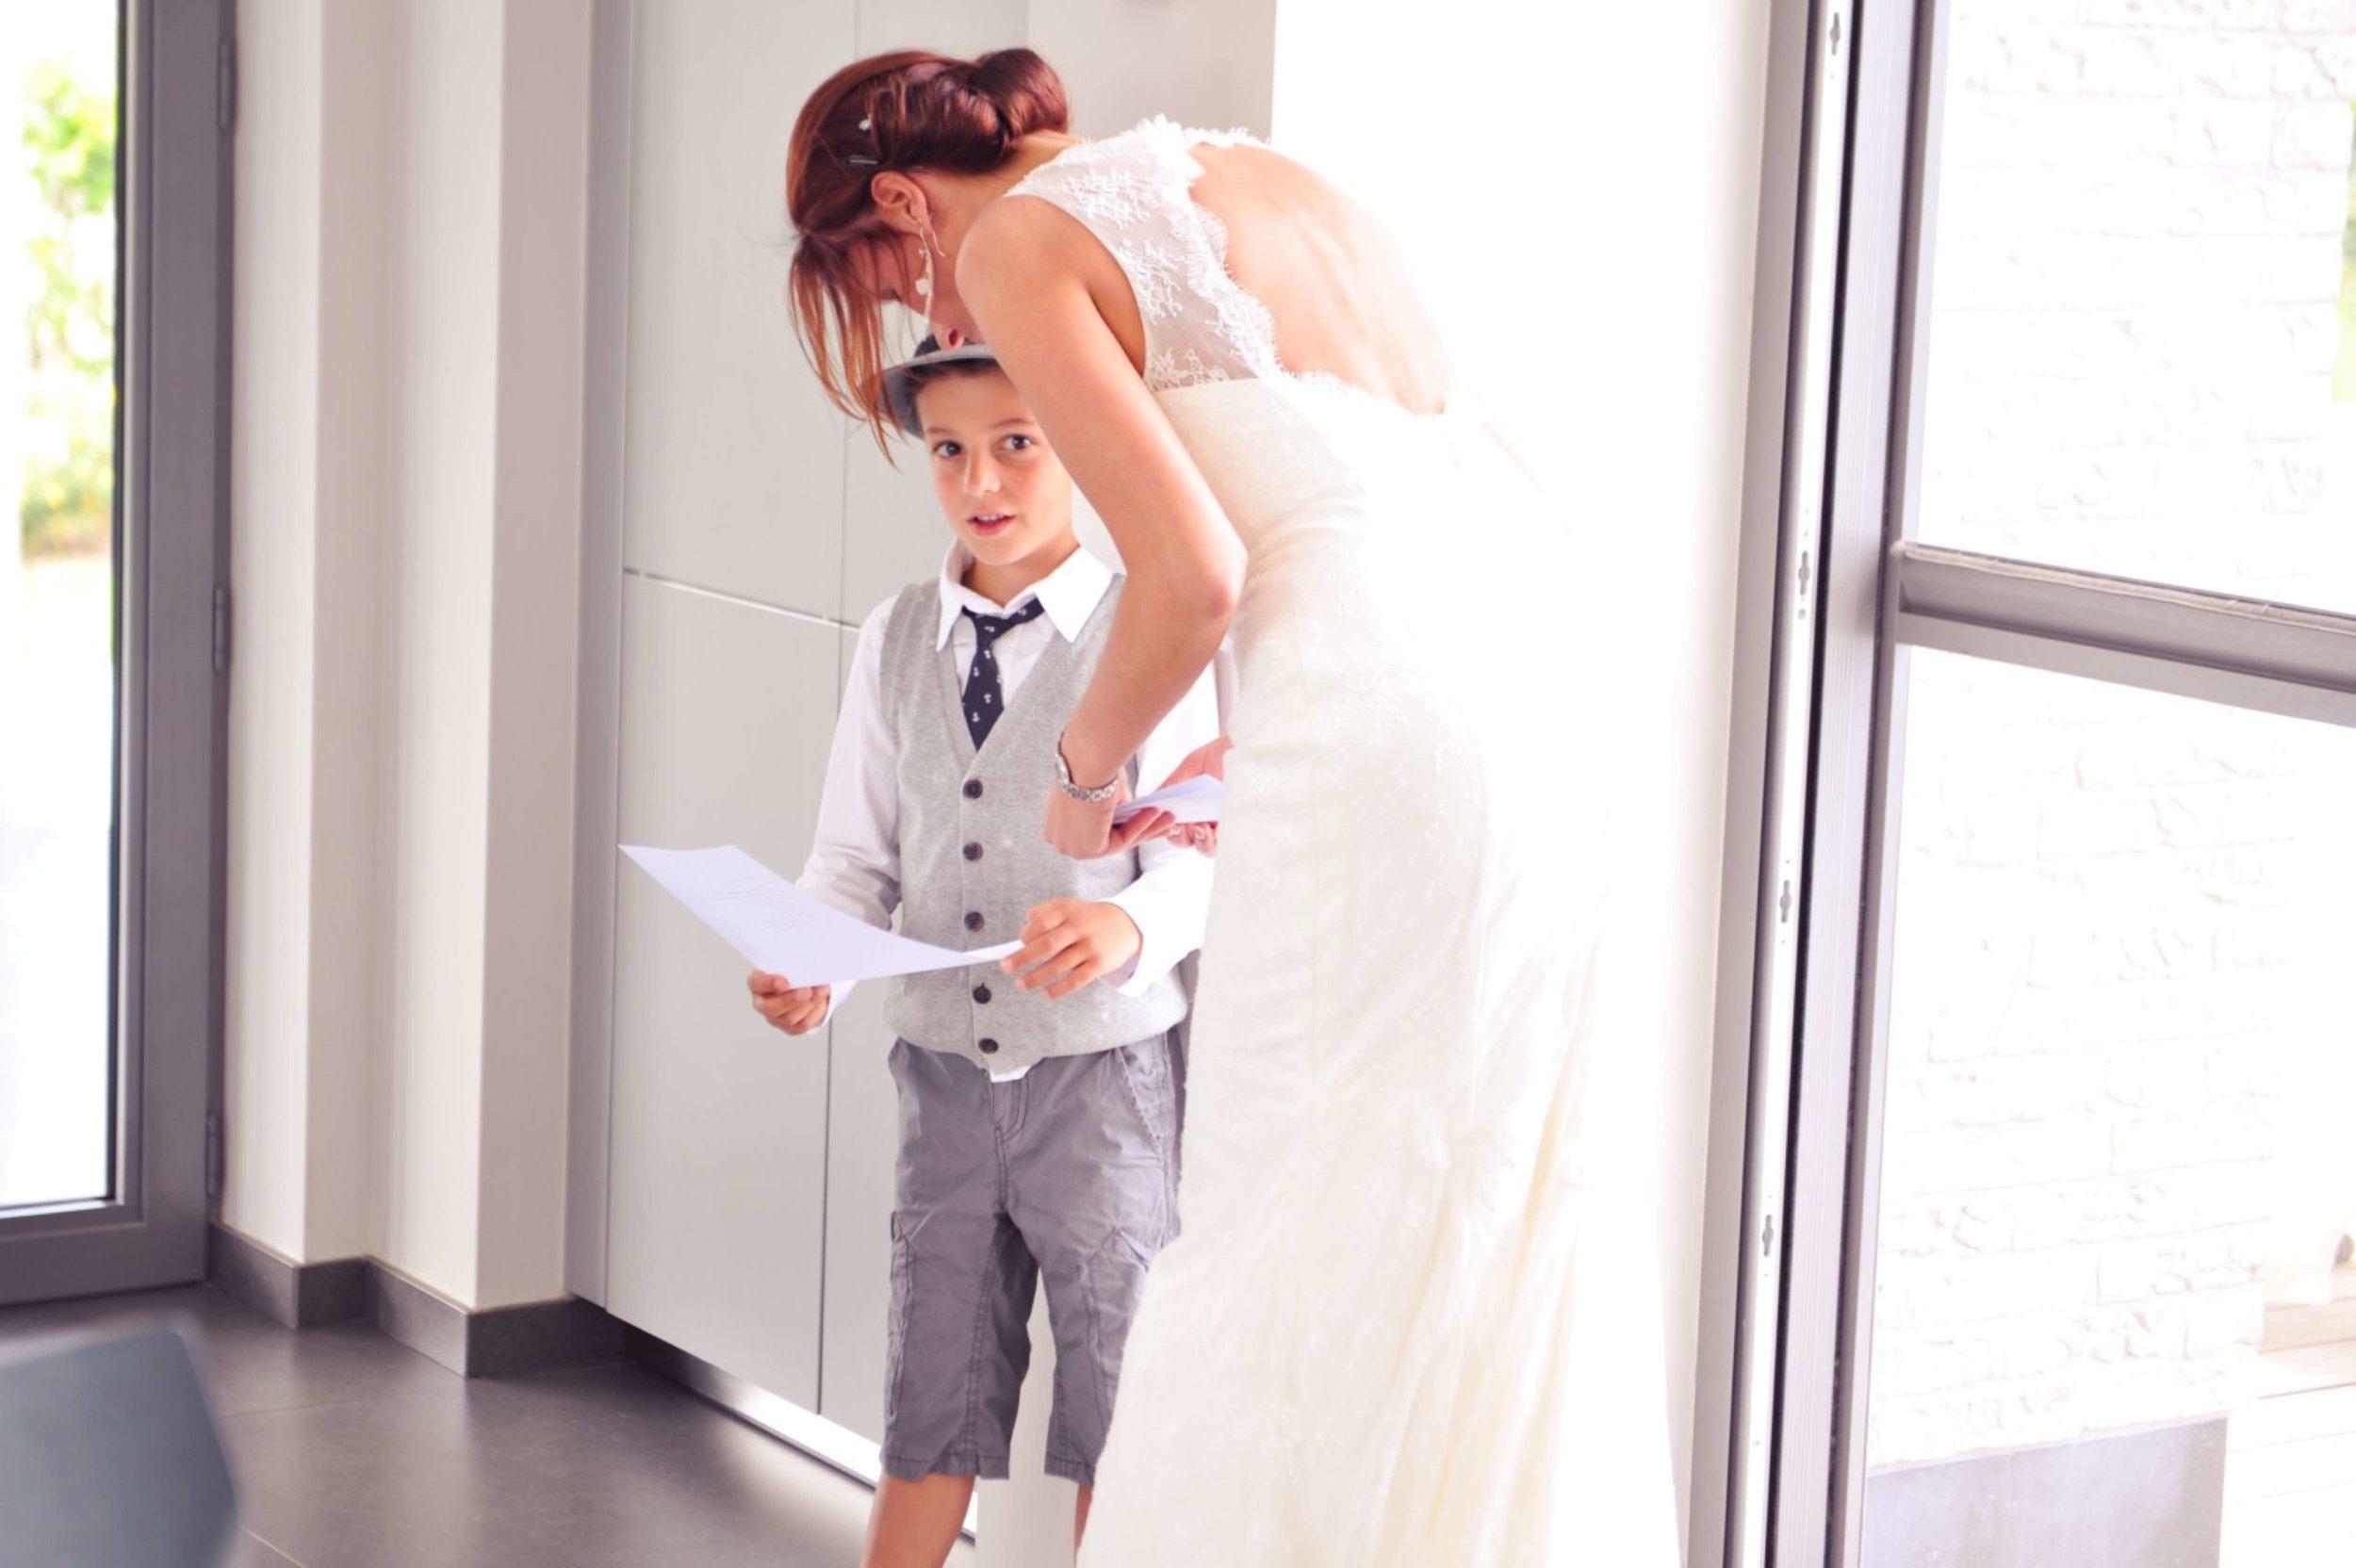 Bart Albrecht fotograaf photographer belgium belgie anbtwerpen antwerp wedding huwelijk huwelijksfotograaf trouwfotograaf trouw bruid bruidegom trouwkleed ceremonie weddingdress topphotographer topfotograaf beste best top 10 147.jpg